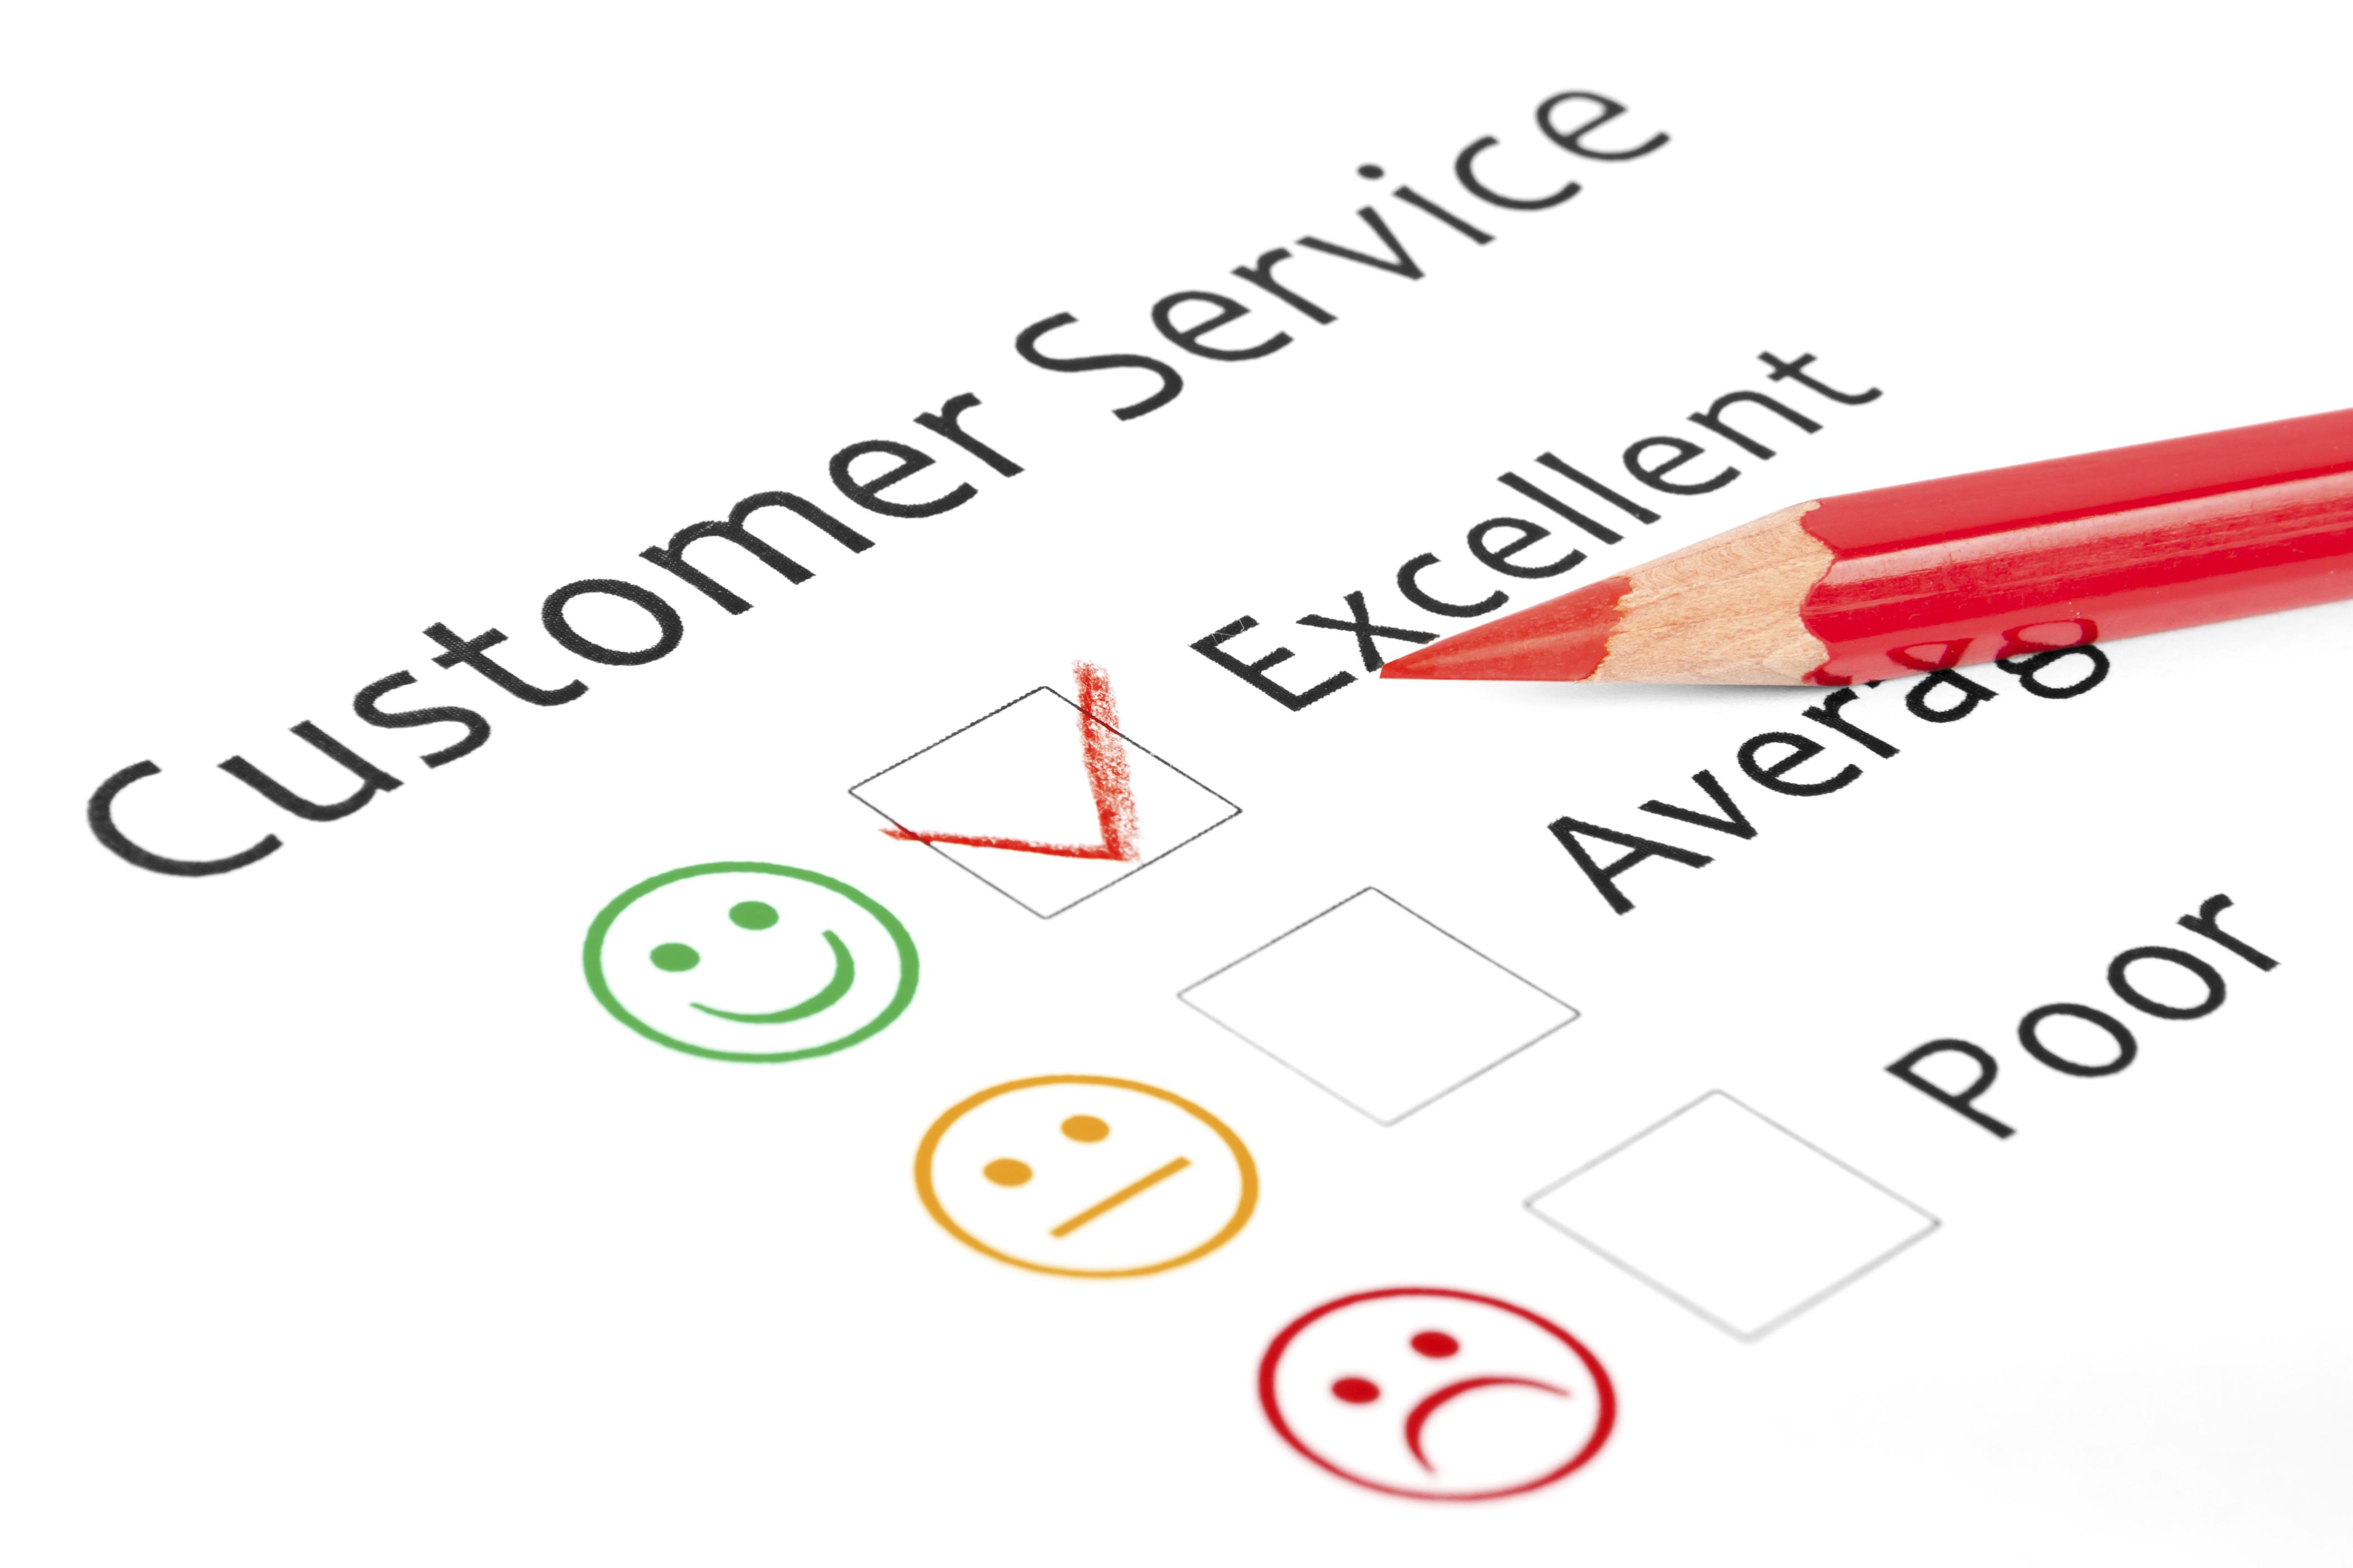 Dịch vụ khách hàng không phải là chi phí mà là một món đầu tư có khả năng sinh lợi cao